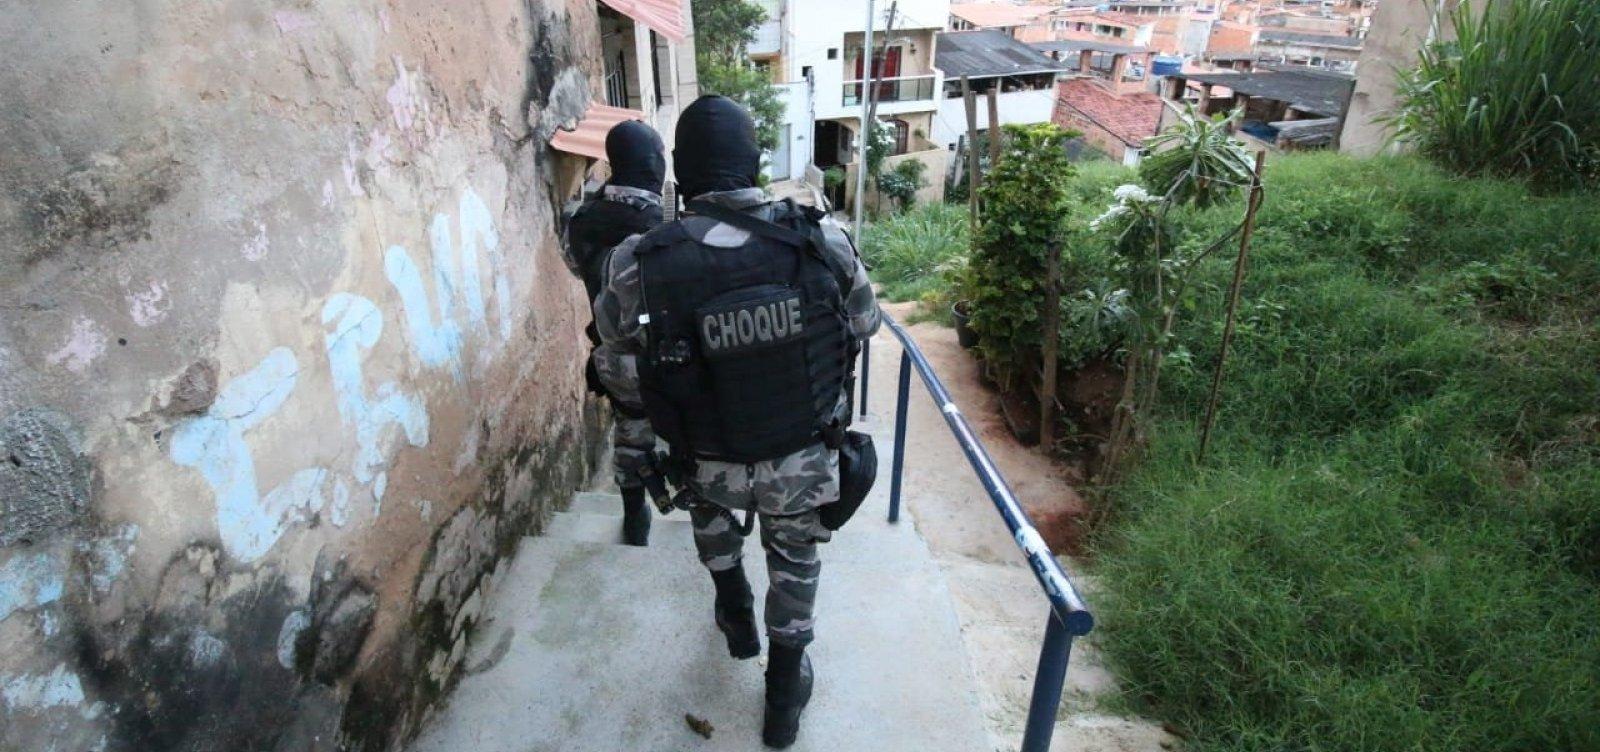 Ação integrada combate crime no Nordeste de Amaralina